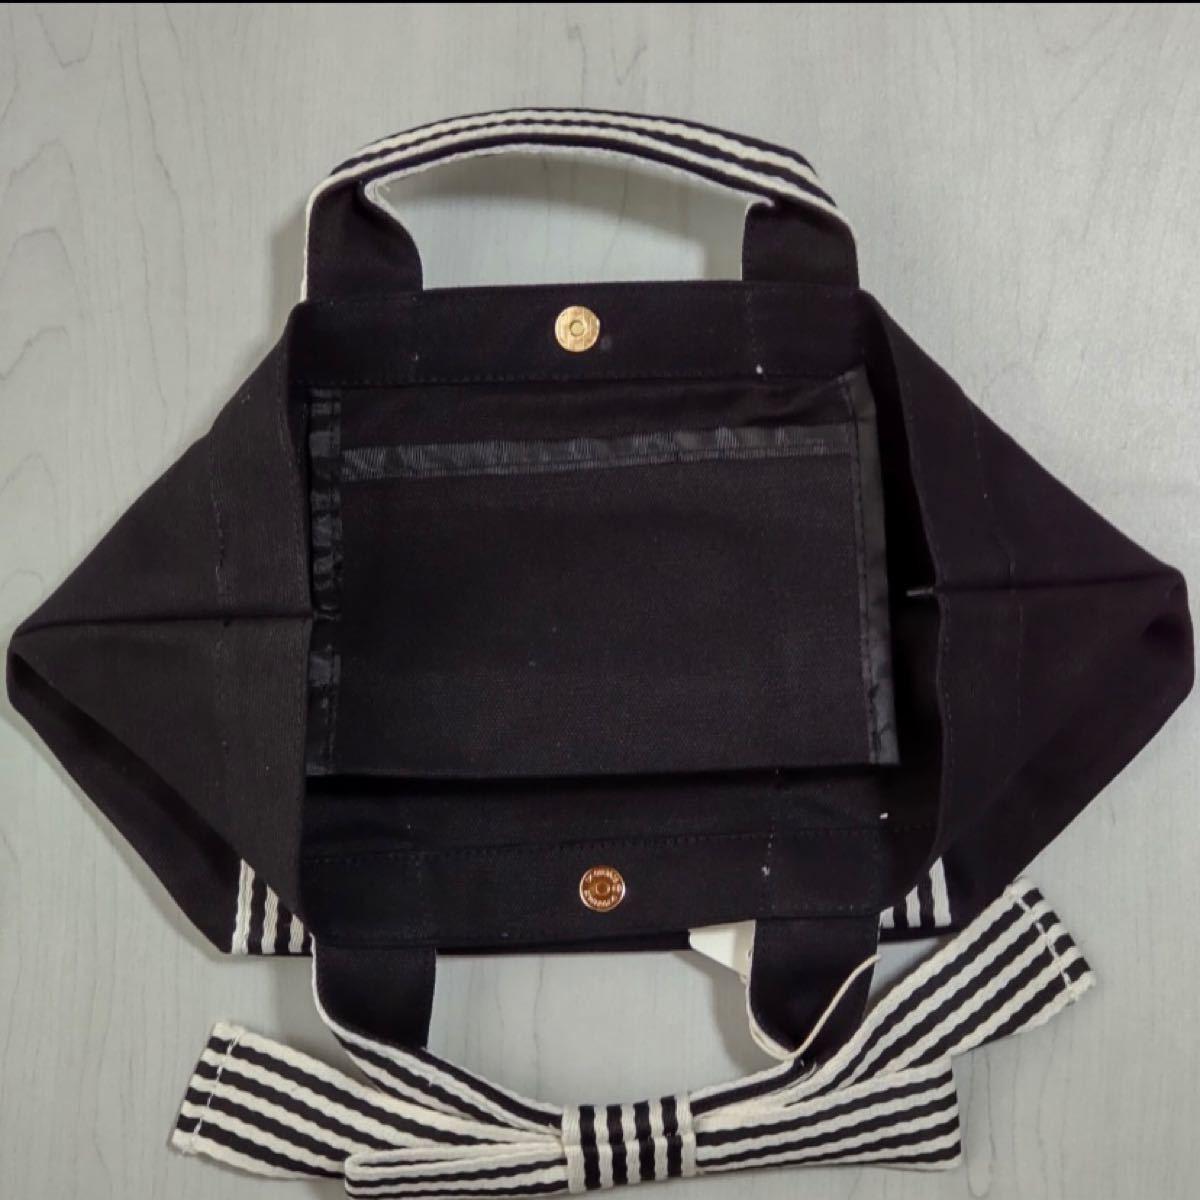 トートバッグ ミニトート リボン キャンバスボーダー バッグ ランチバッグ サブバッグ リボントート カバン ブラック 黒 カバン